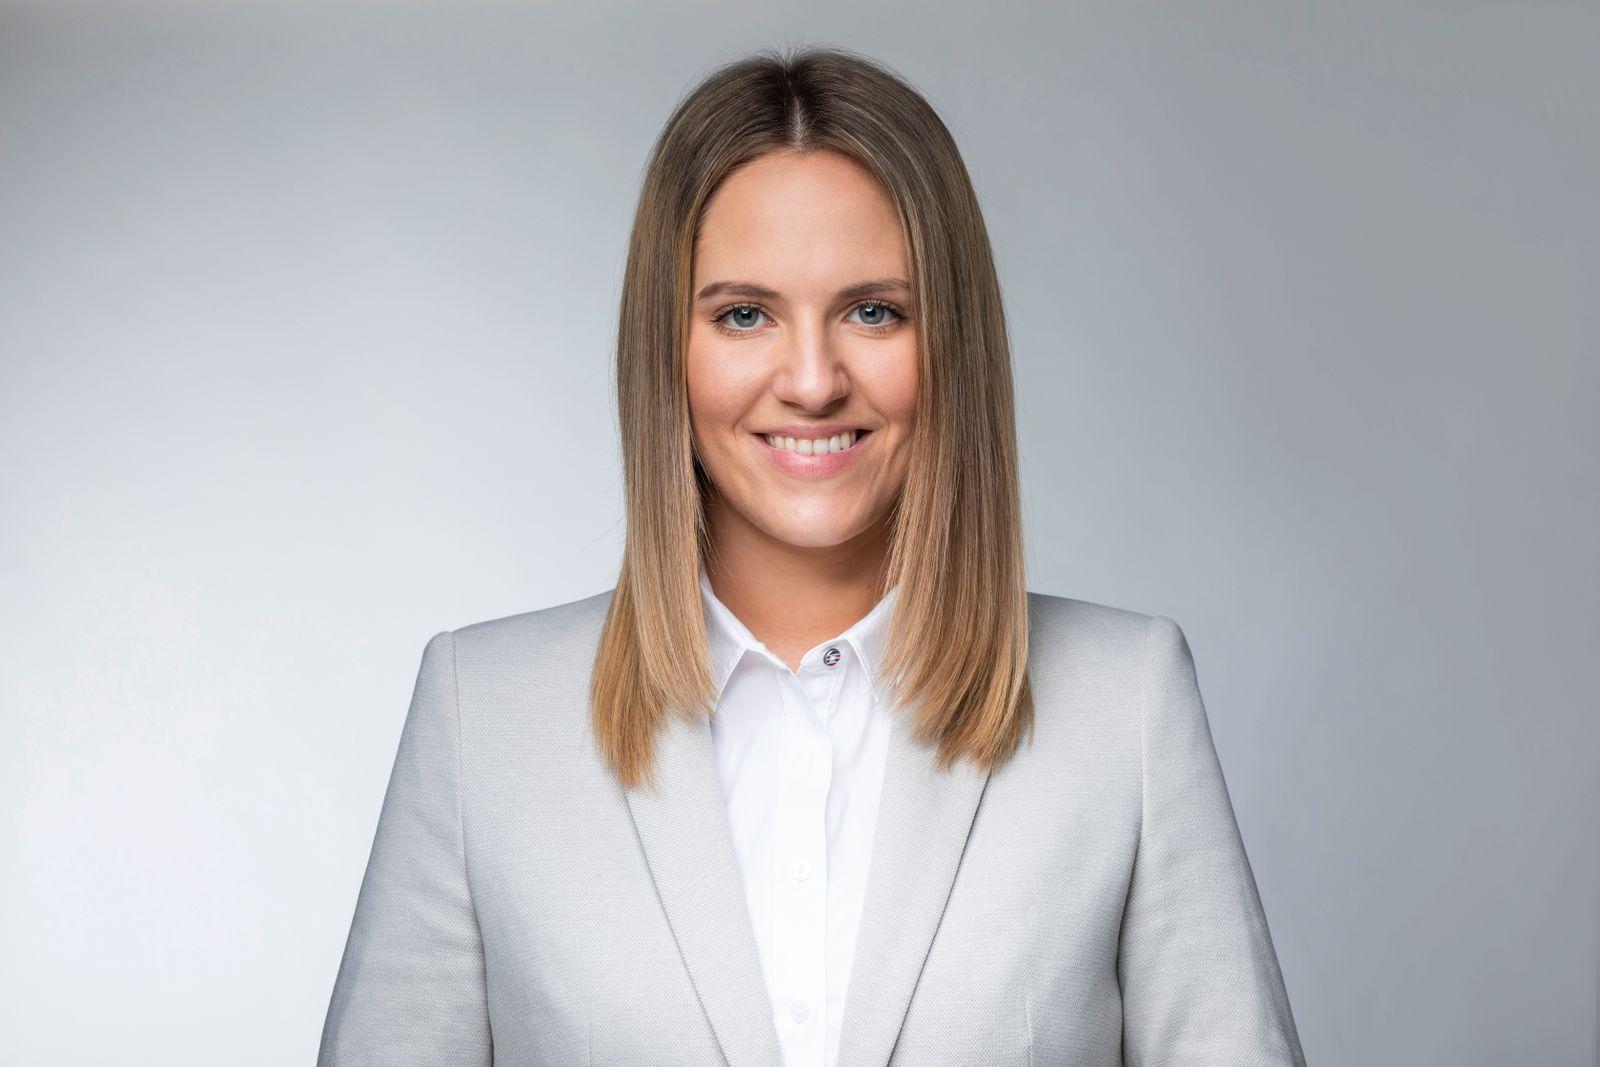 Melanie_Köhler